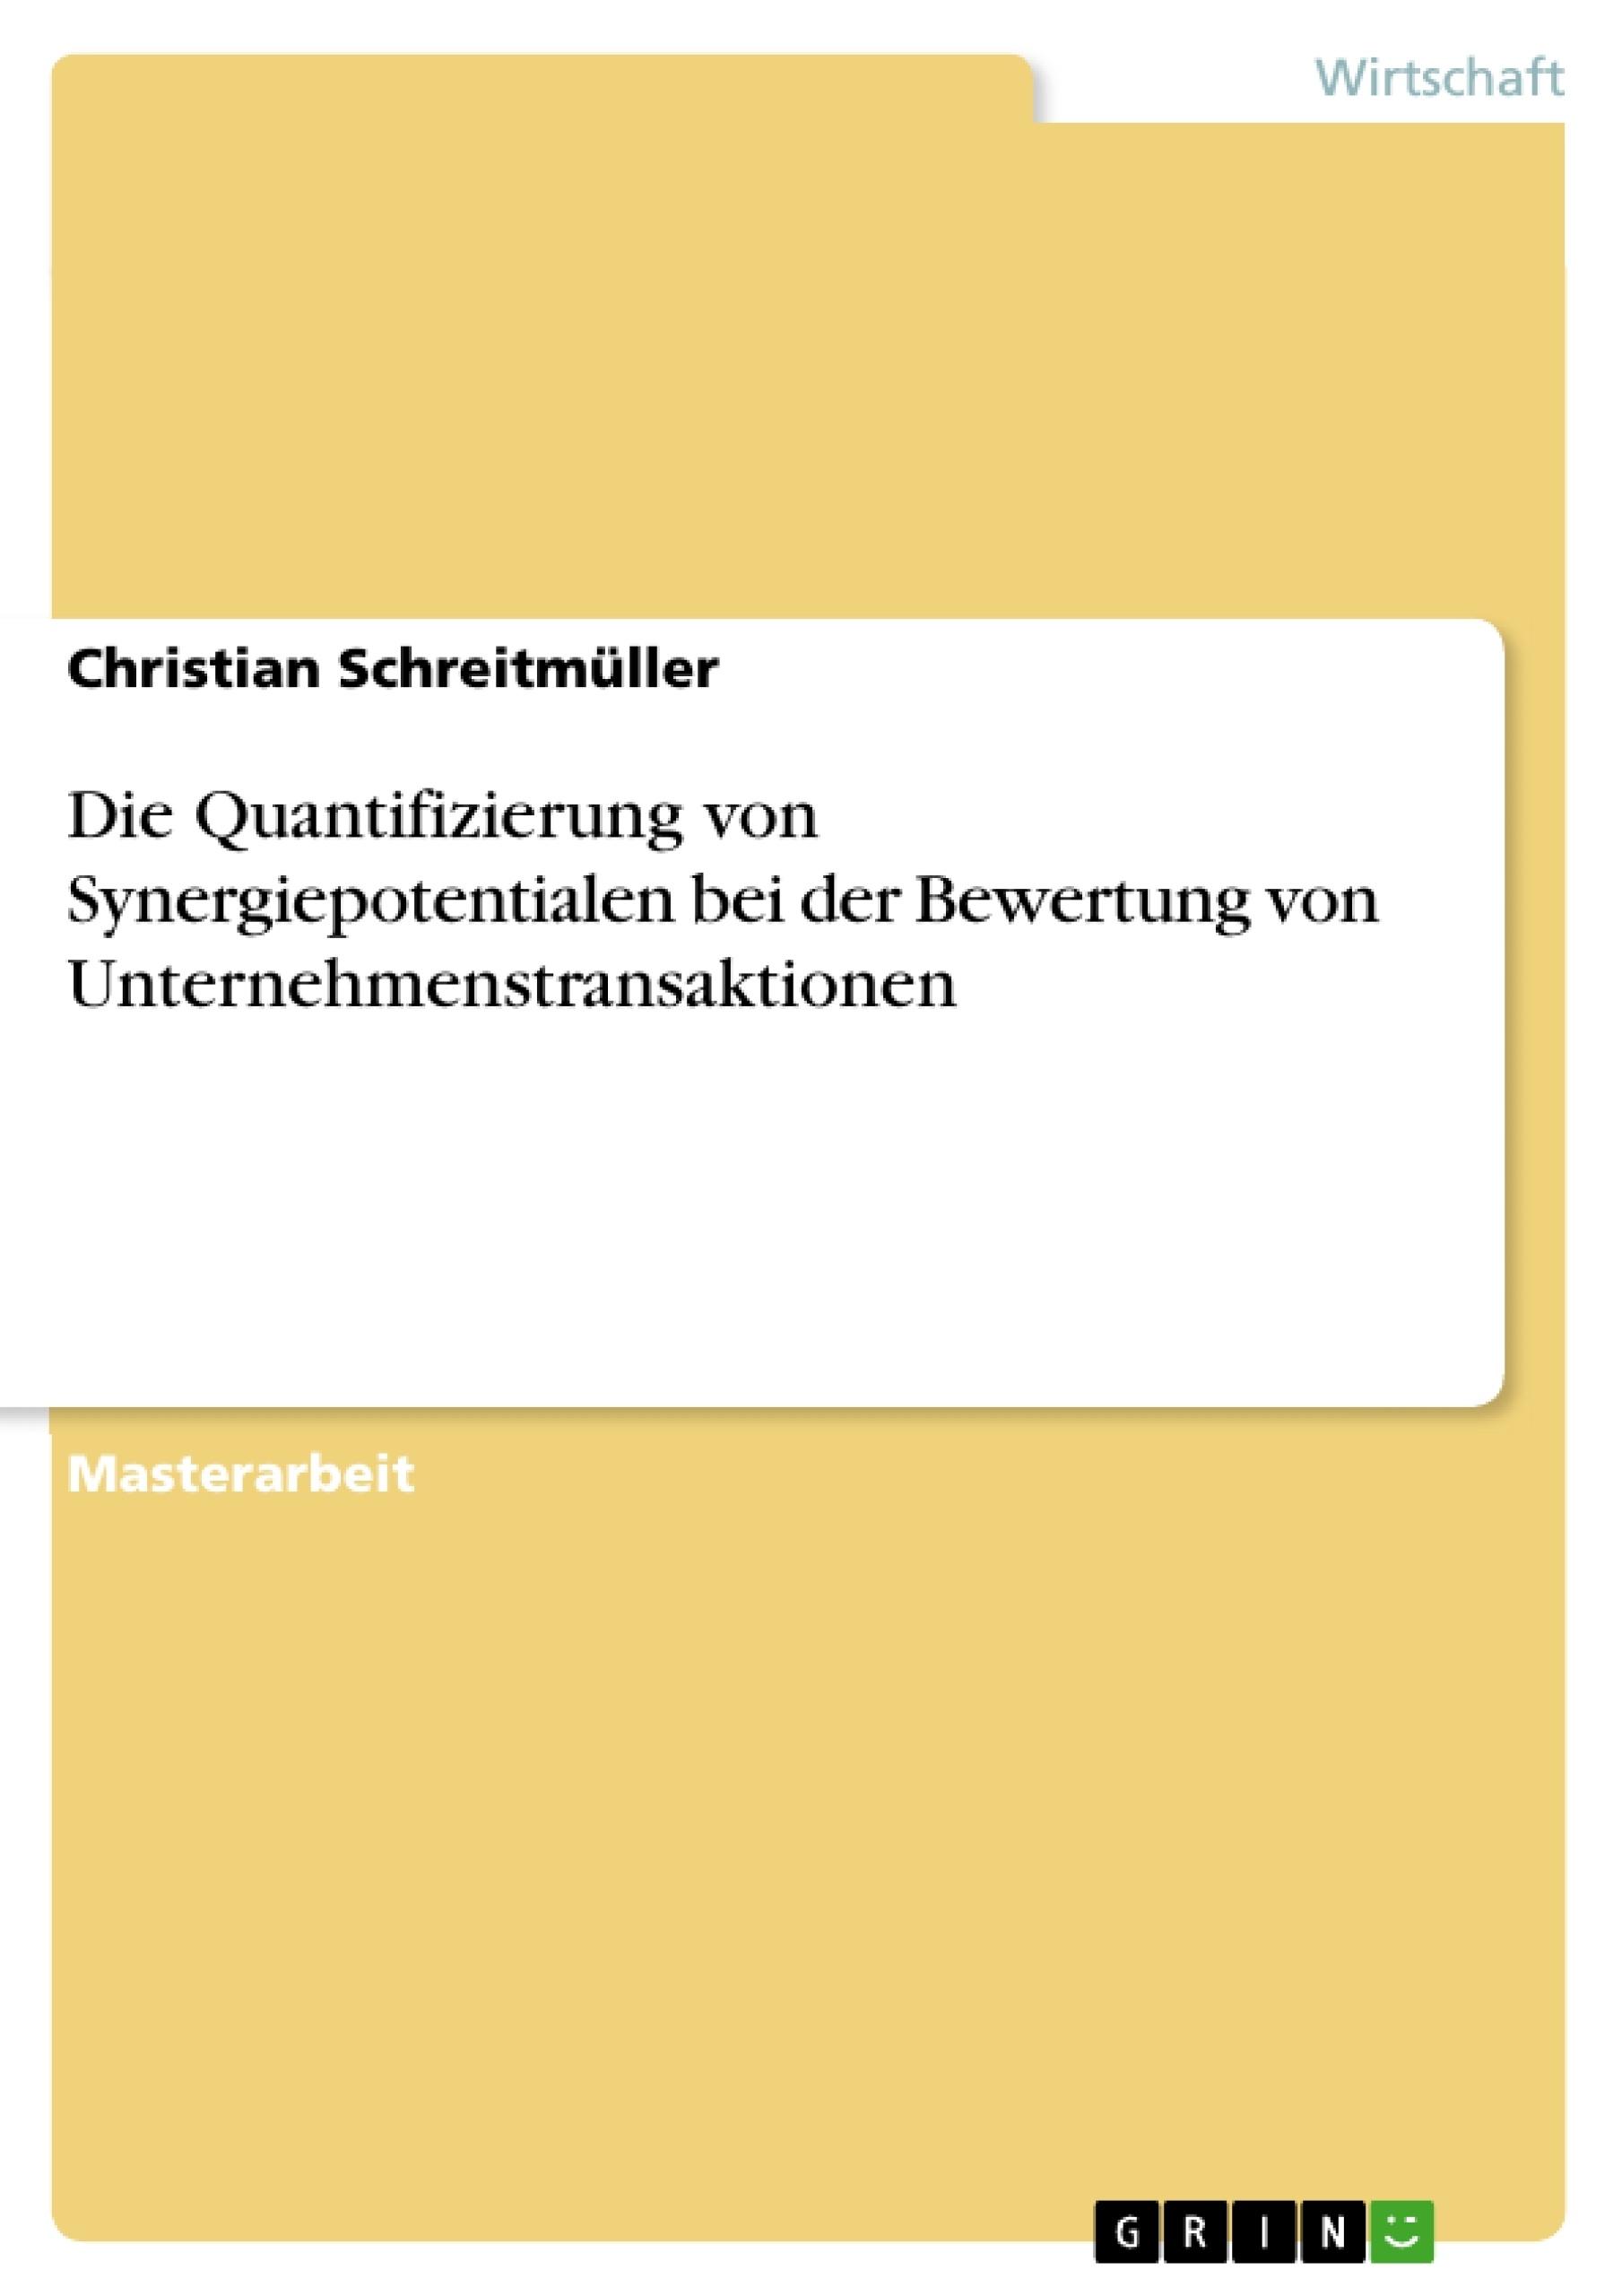 Titel: Die Quantifizierung von Synergiepotentialen bei der Bewertung von Unternehmenstransaktionen